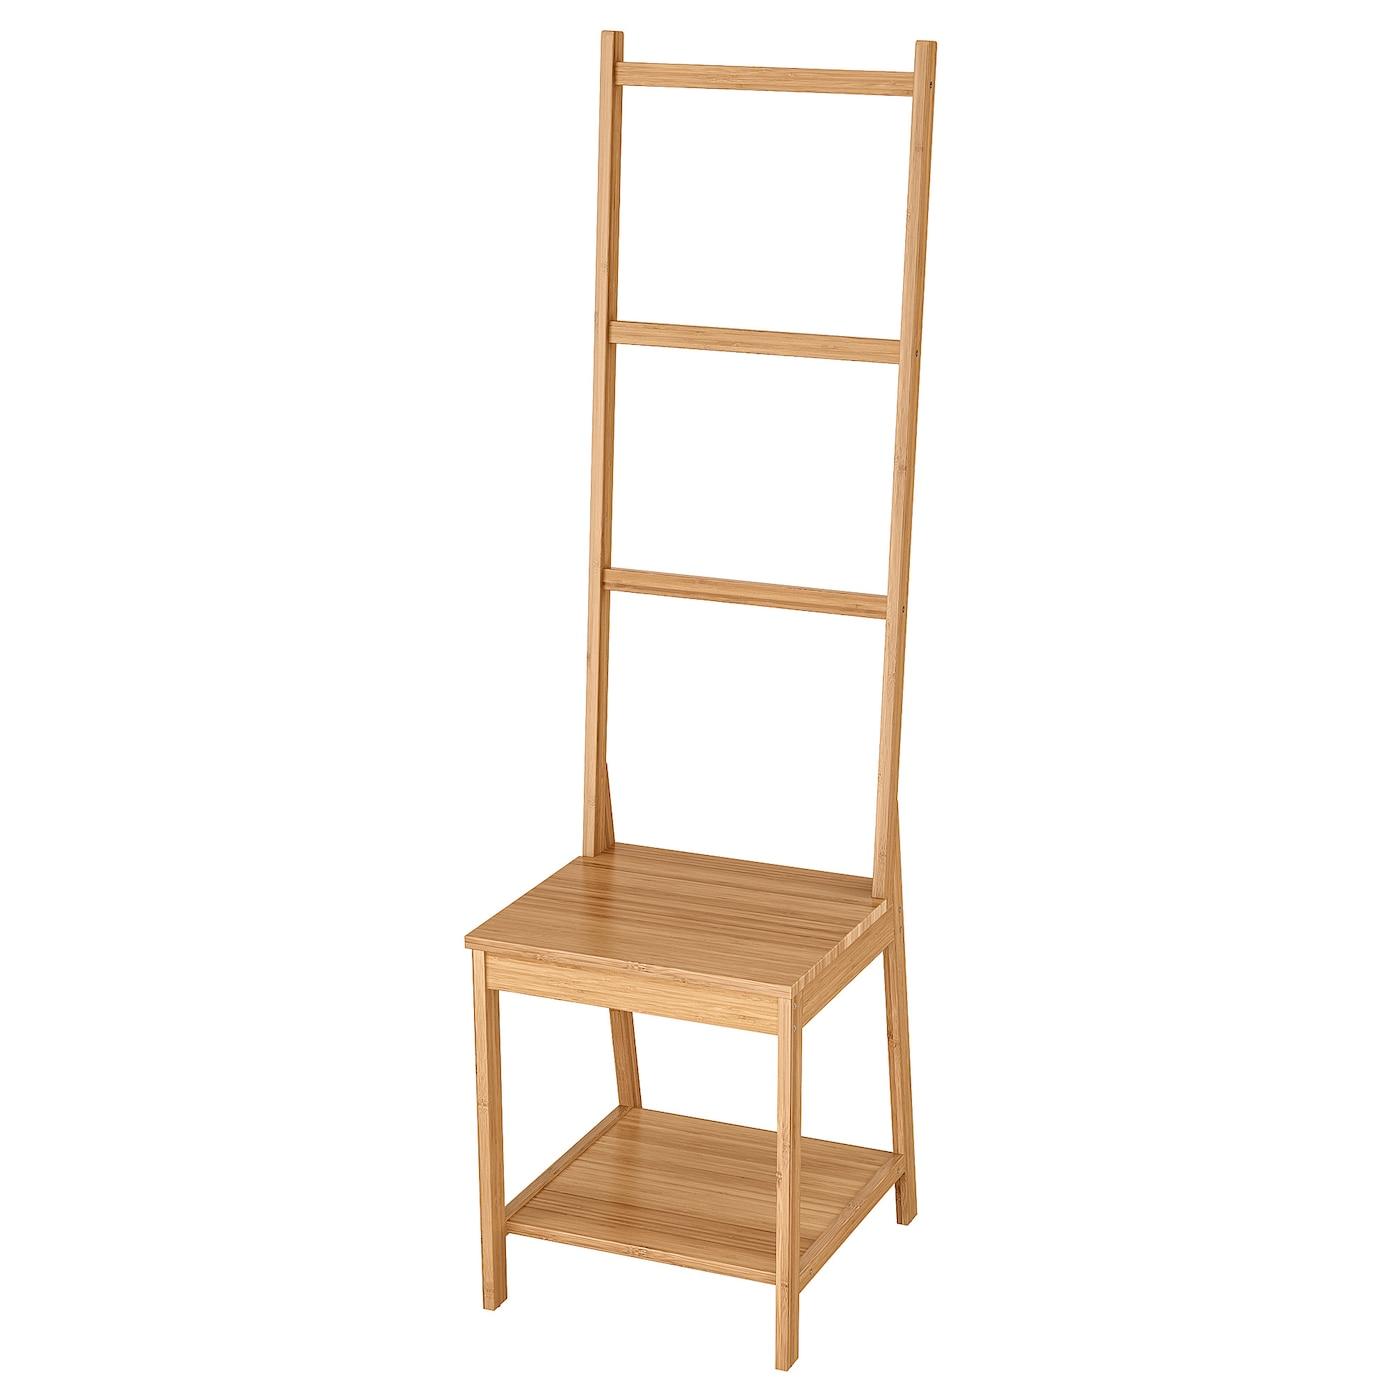 RÅGRUND Stuhl mit Handtuchhalter - Bambus Klein